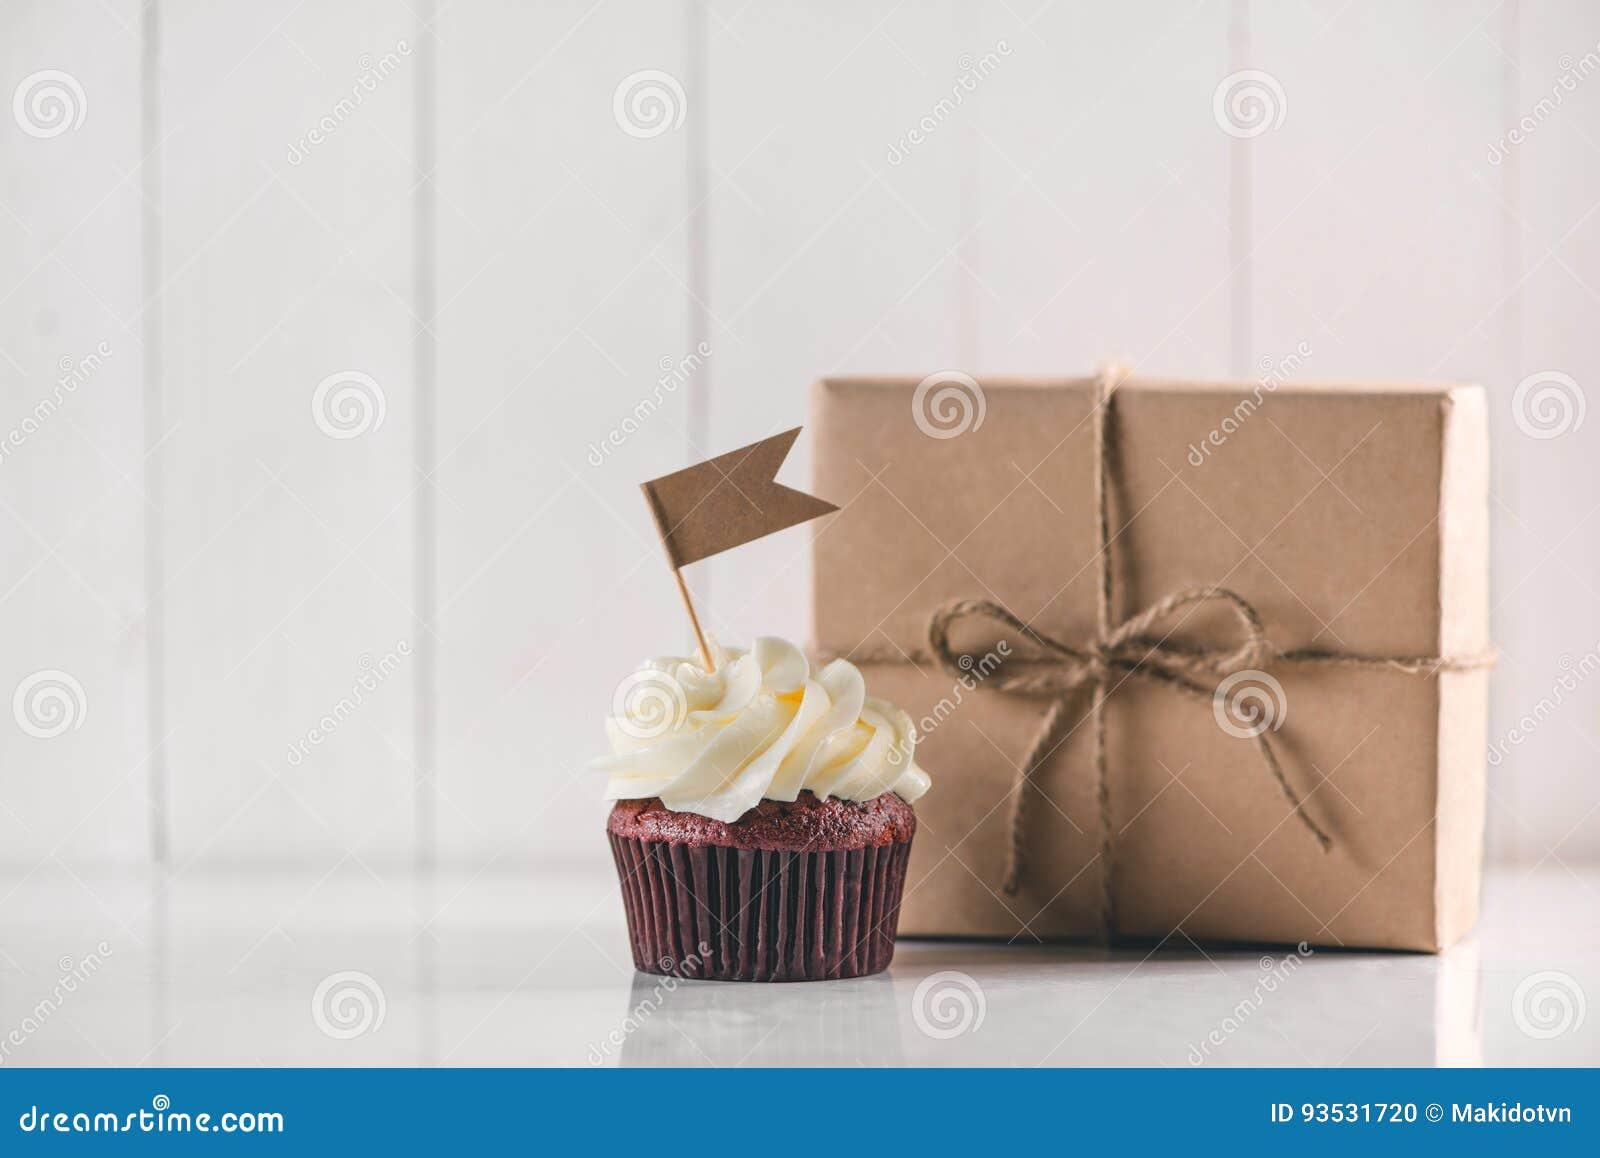 父亲节概念 可口创造性的杯形蛋糕和礼物盒